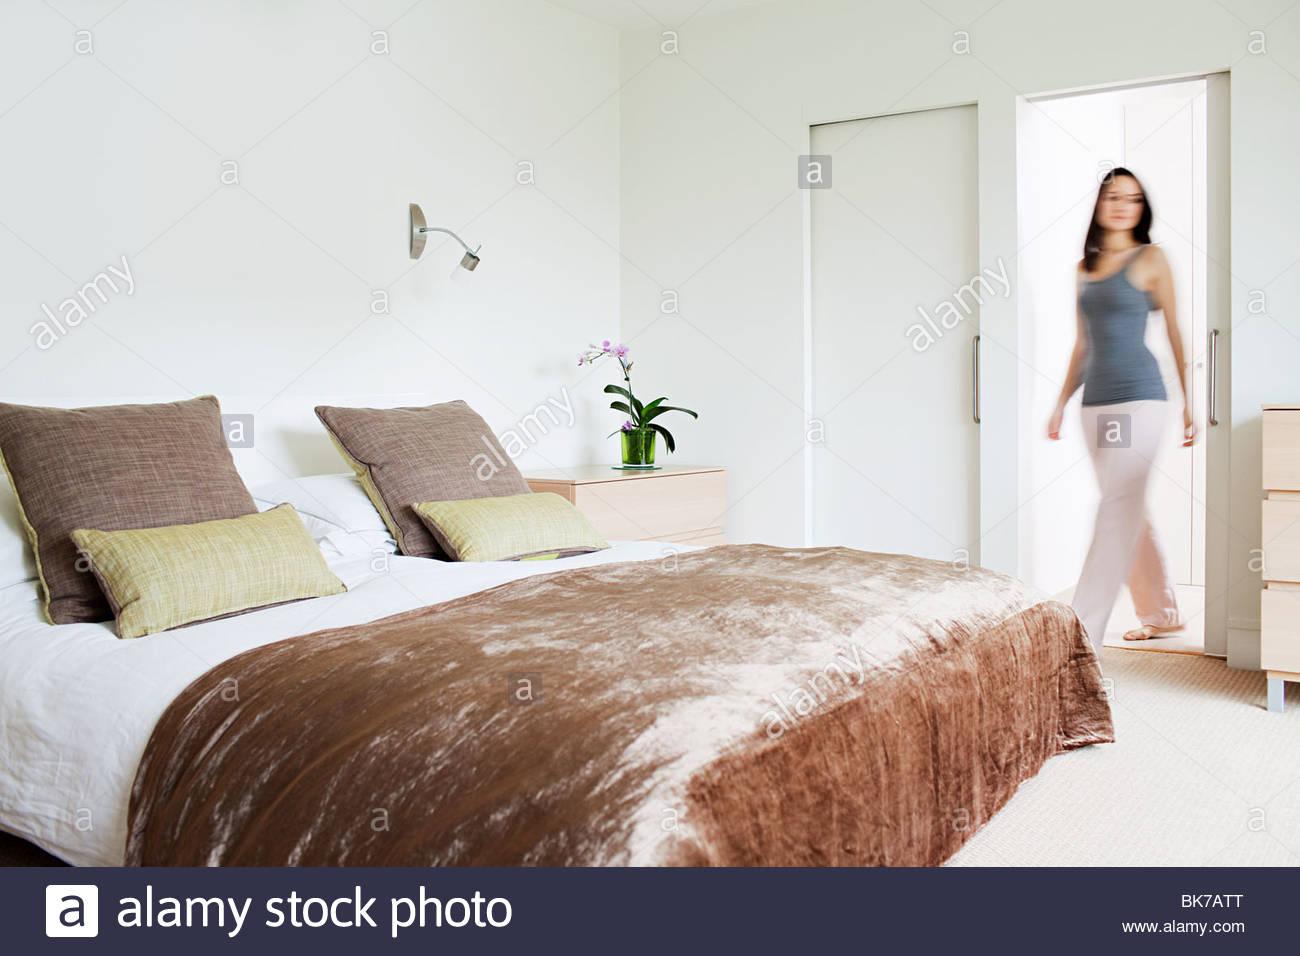 Frau zu Fuß durch Schlafzimmer Stockfoto, Bild: 29051032 - Alamy